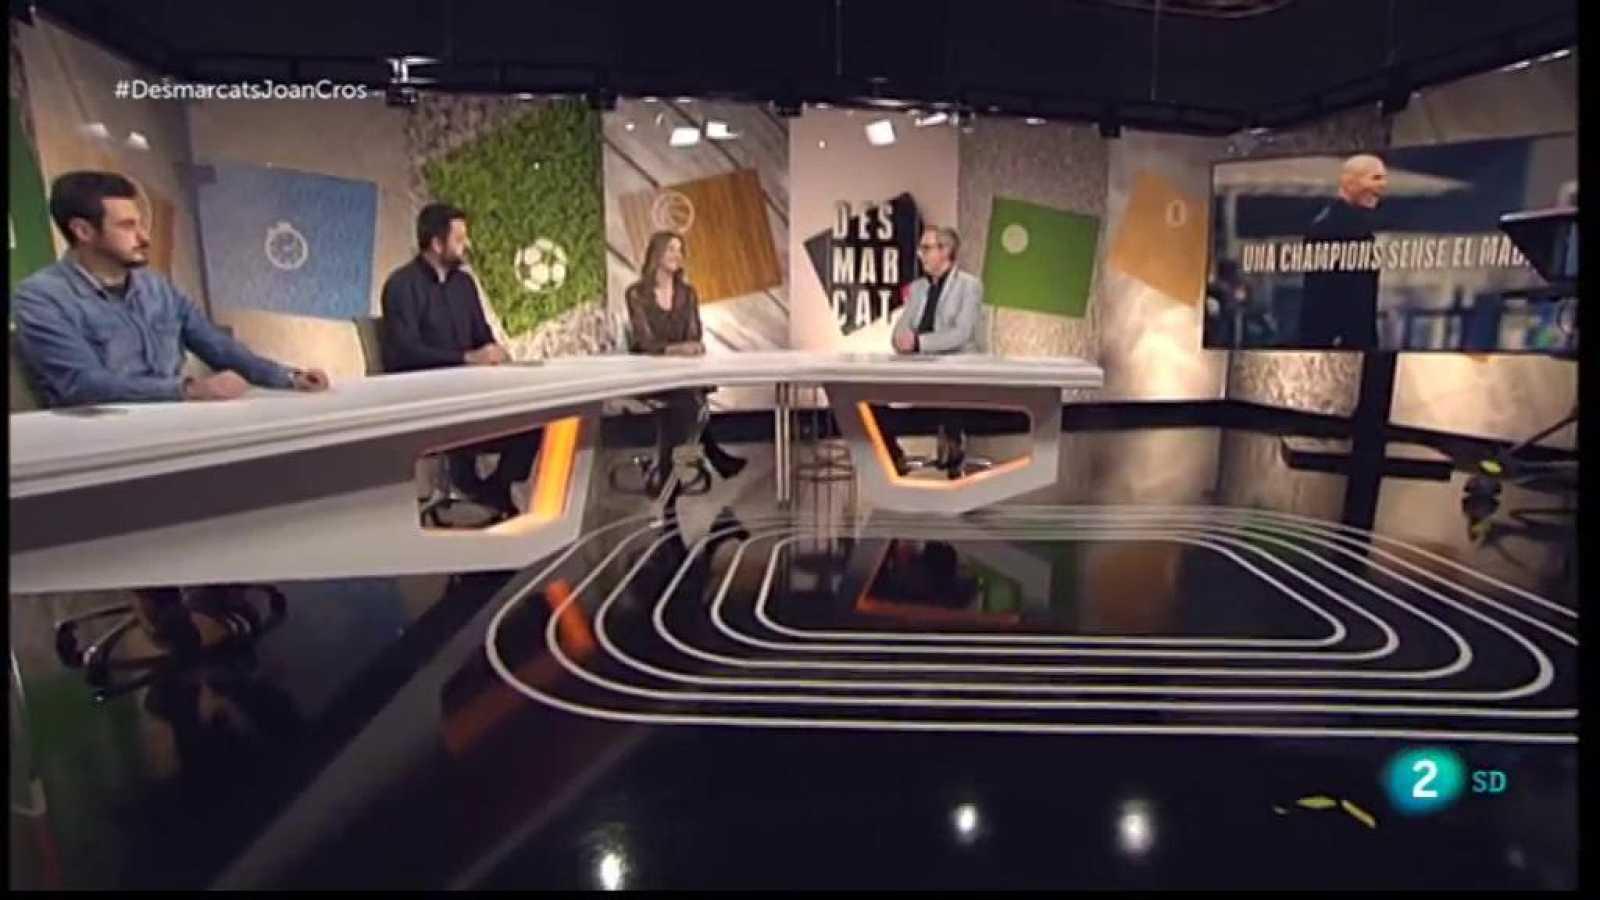 Desmarcats - Tertúlia Esportiva. Una Champions sense el Madrid?